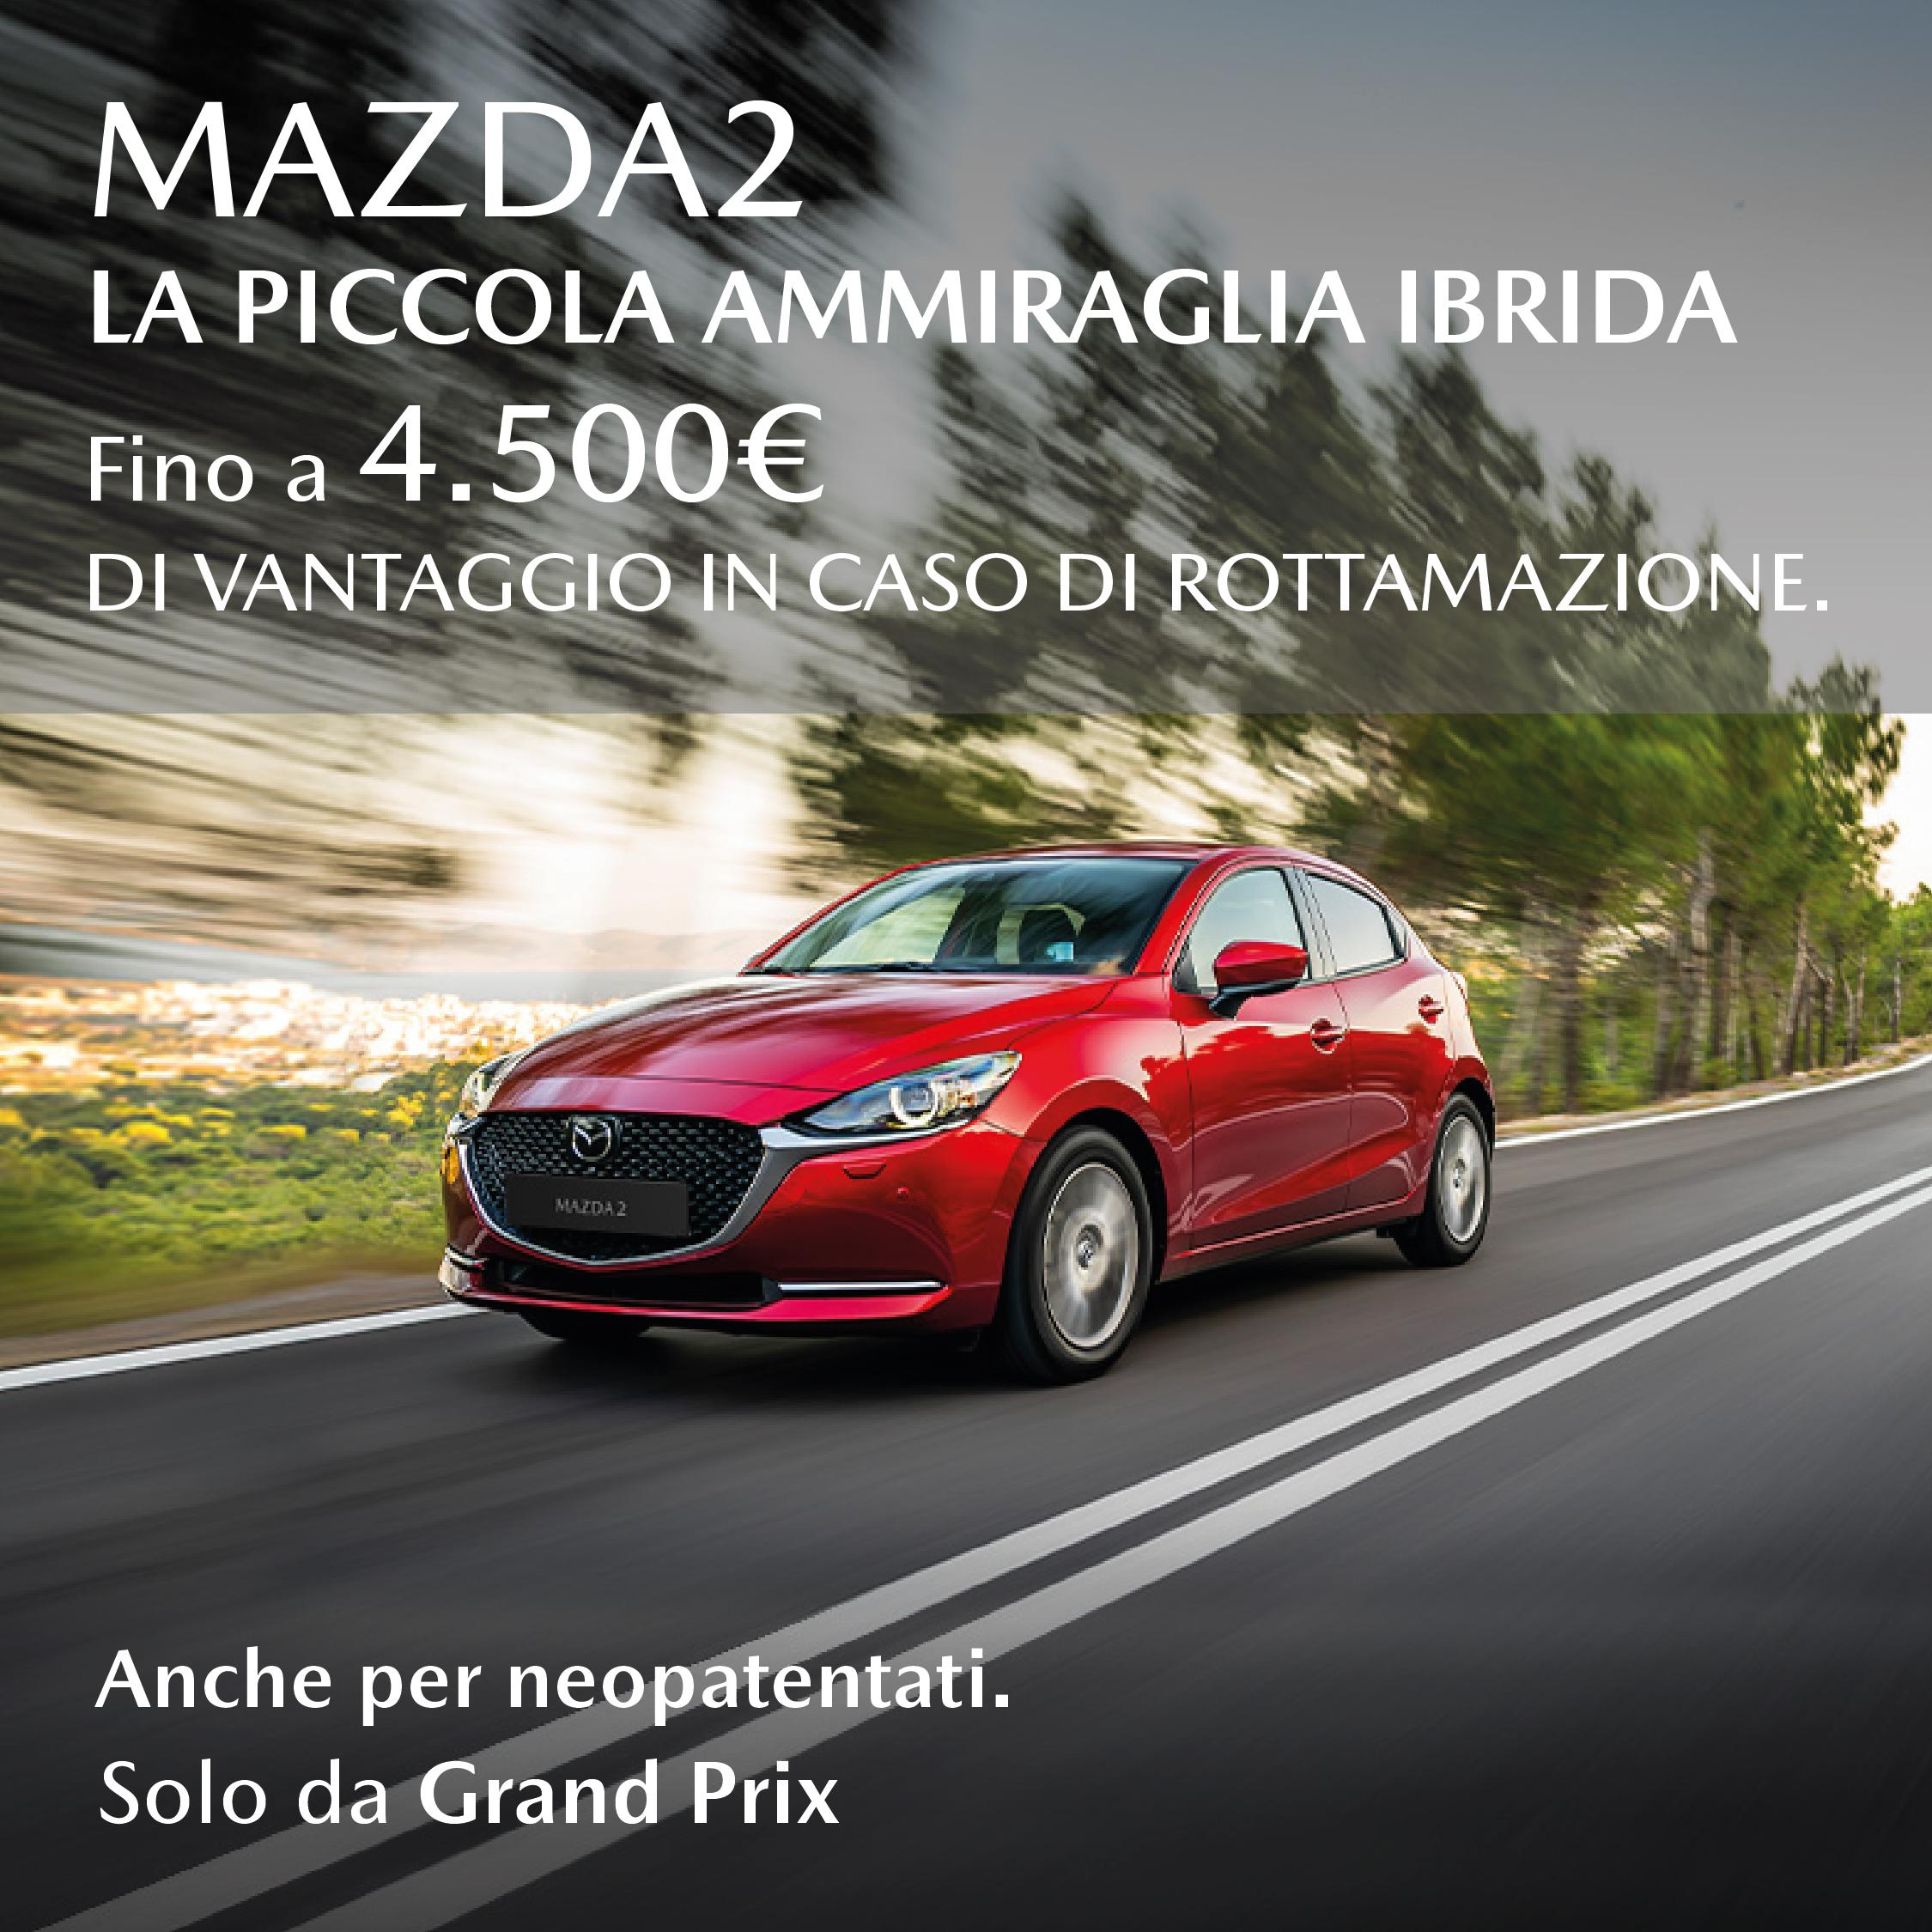 Mazda 2 hybrid con vantaggio rottamazione